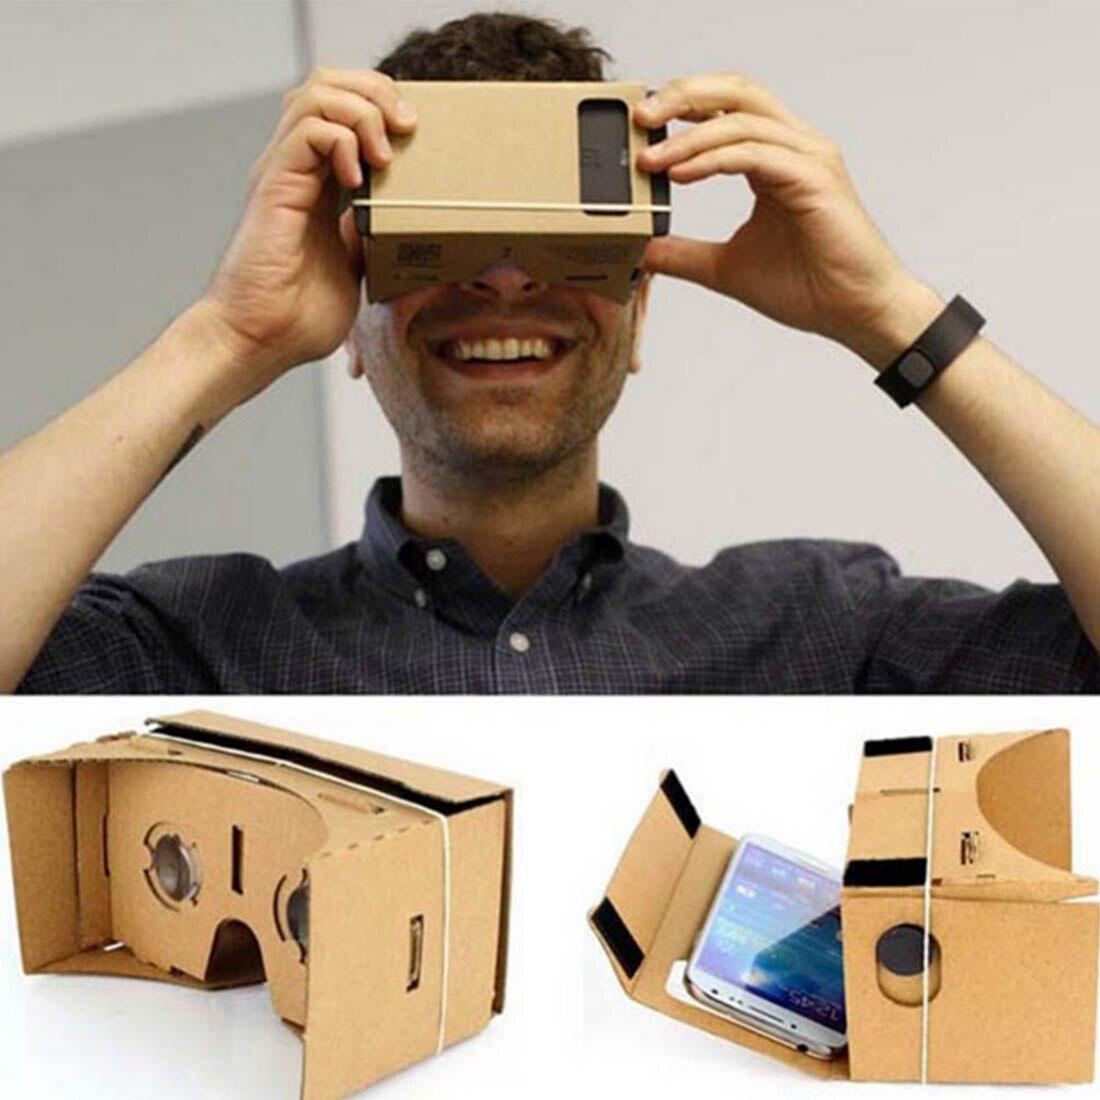 Marsnaska <font><b>Google</b></font> <font><b>Cardboard</b></font> <font><b>VR</b></font> Box <font><b>DIY</b></font> <font><b>Virtual</b></font> <font><b>Reality</b></font> 3D Glasses <font><b>Magnet</b></font> Box Controller 3D <font><b>Hot</b></font> Sale And High Quality